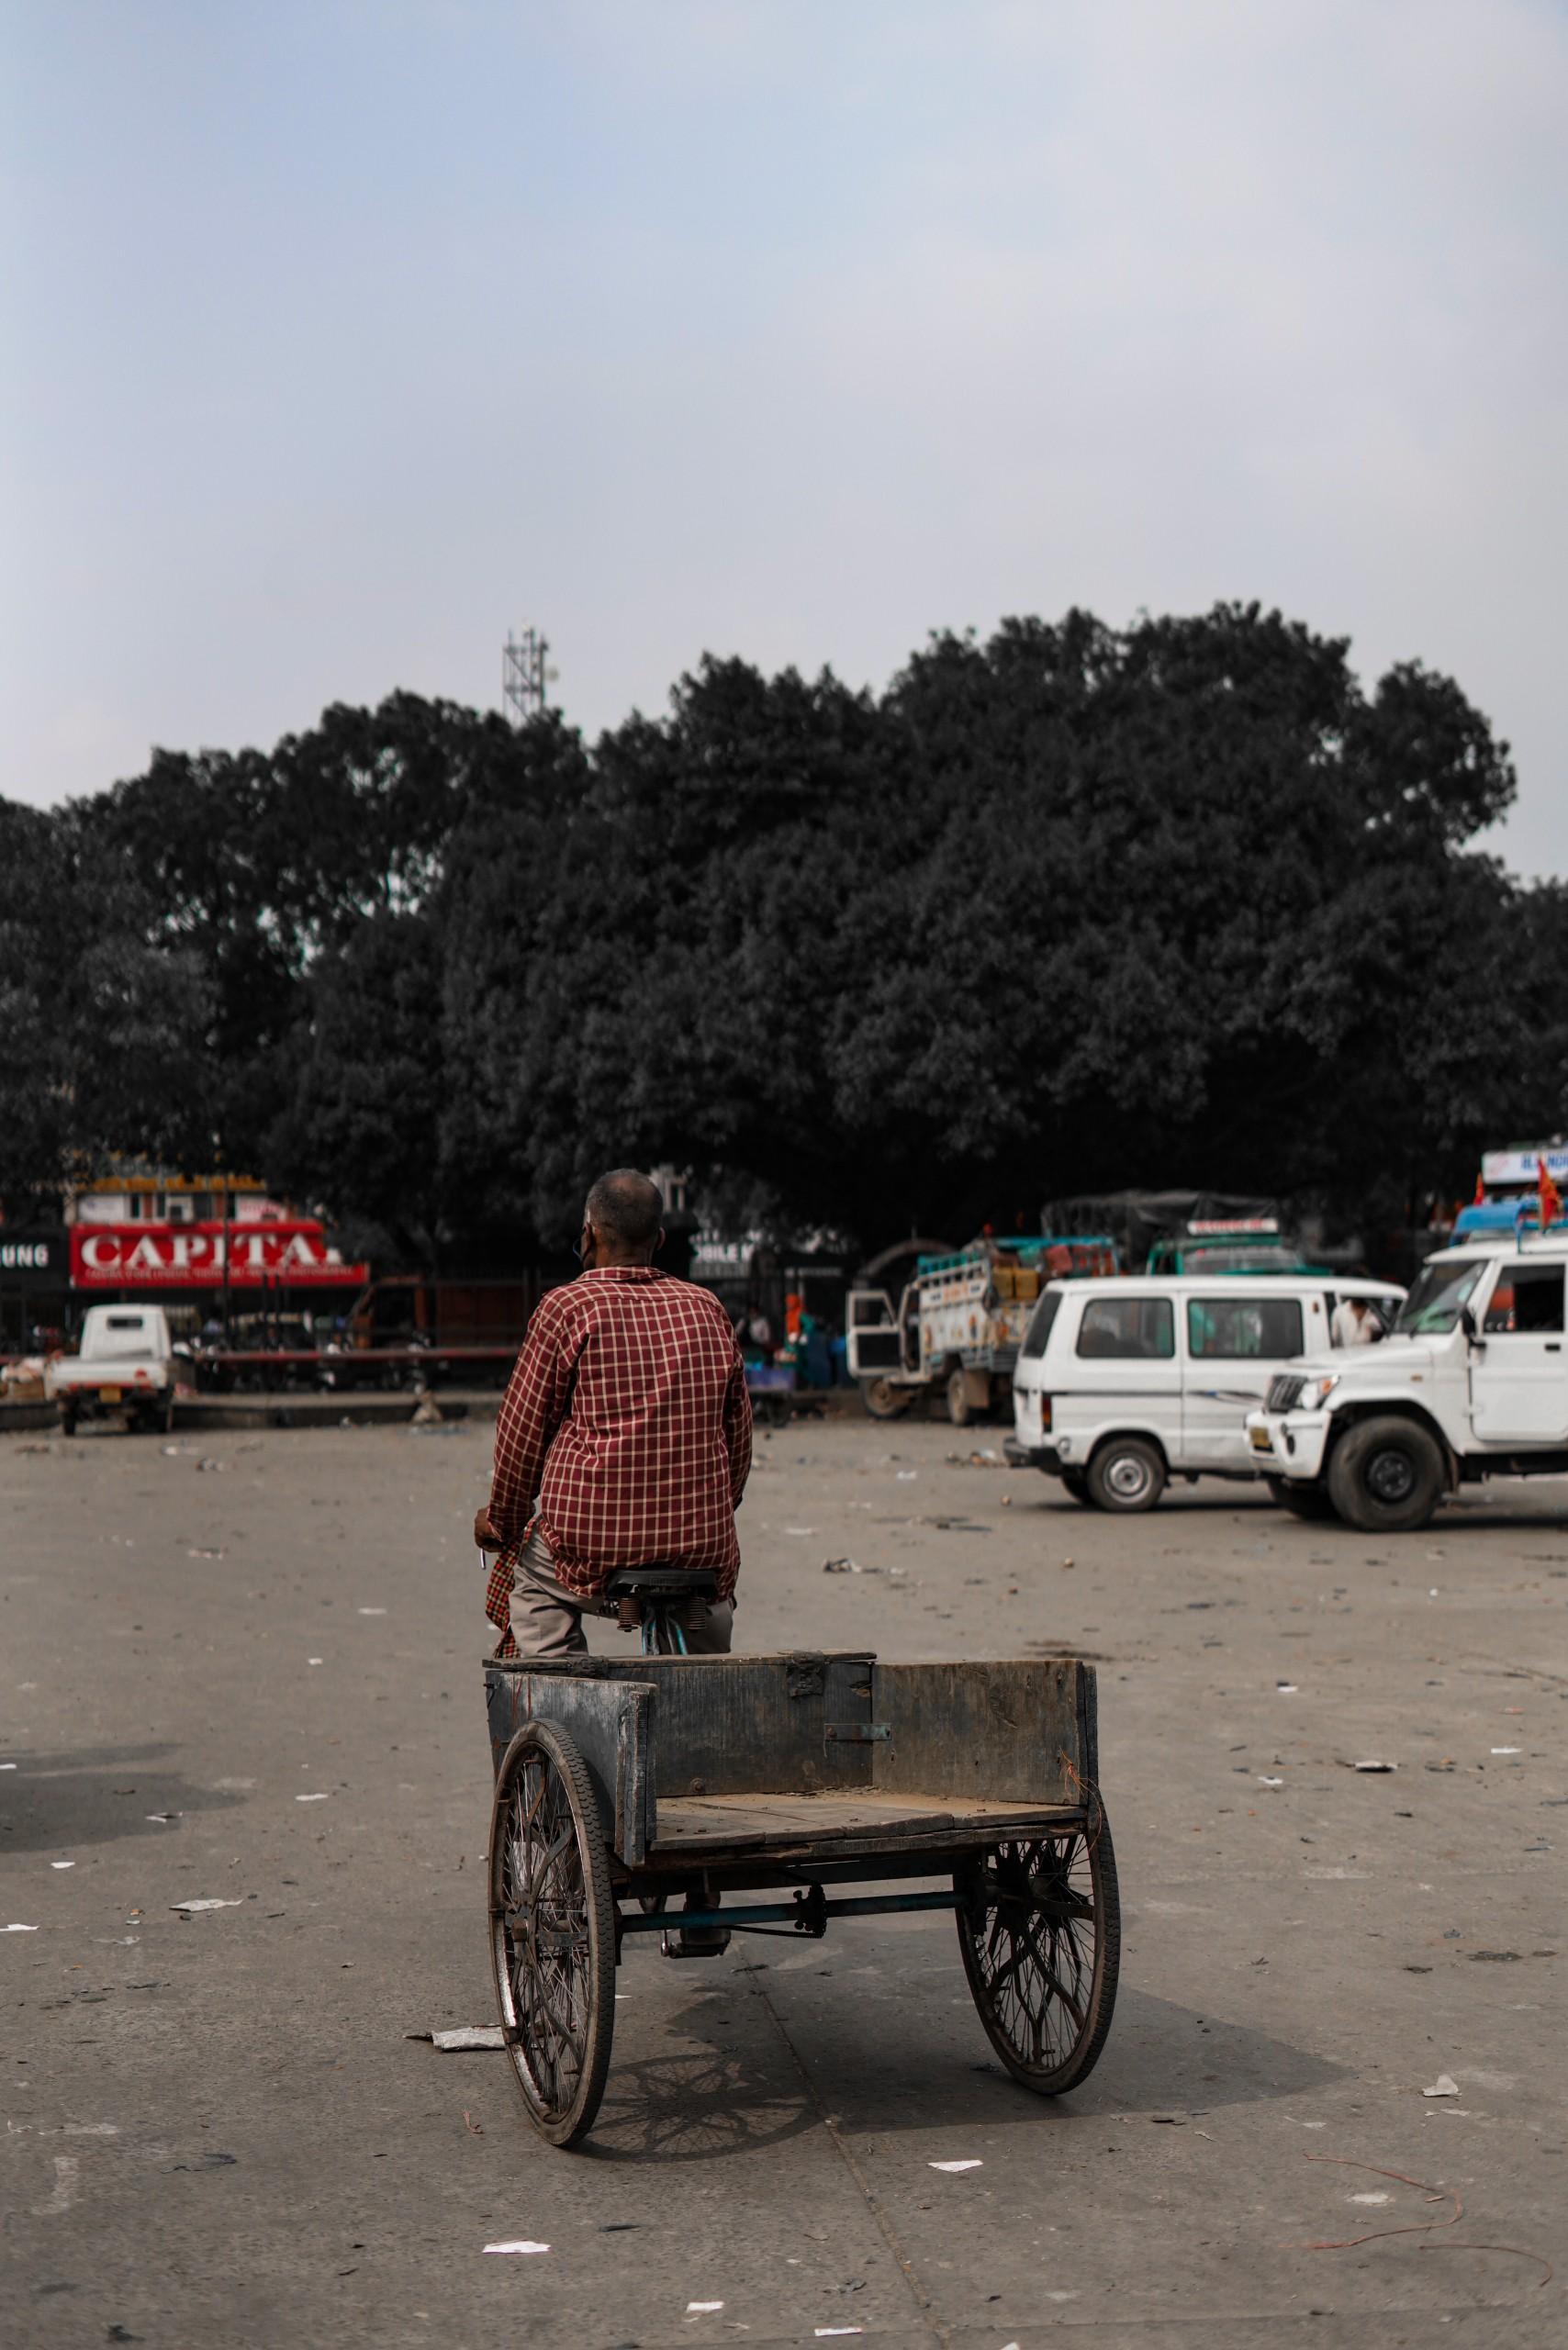 man riding a cart cycle